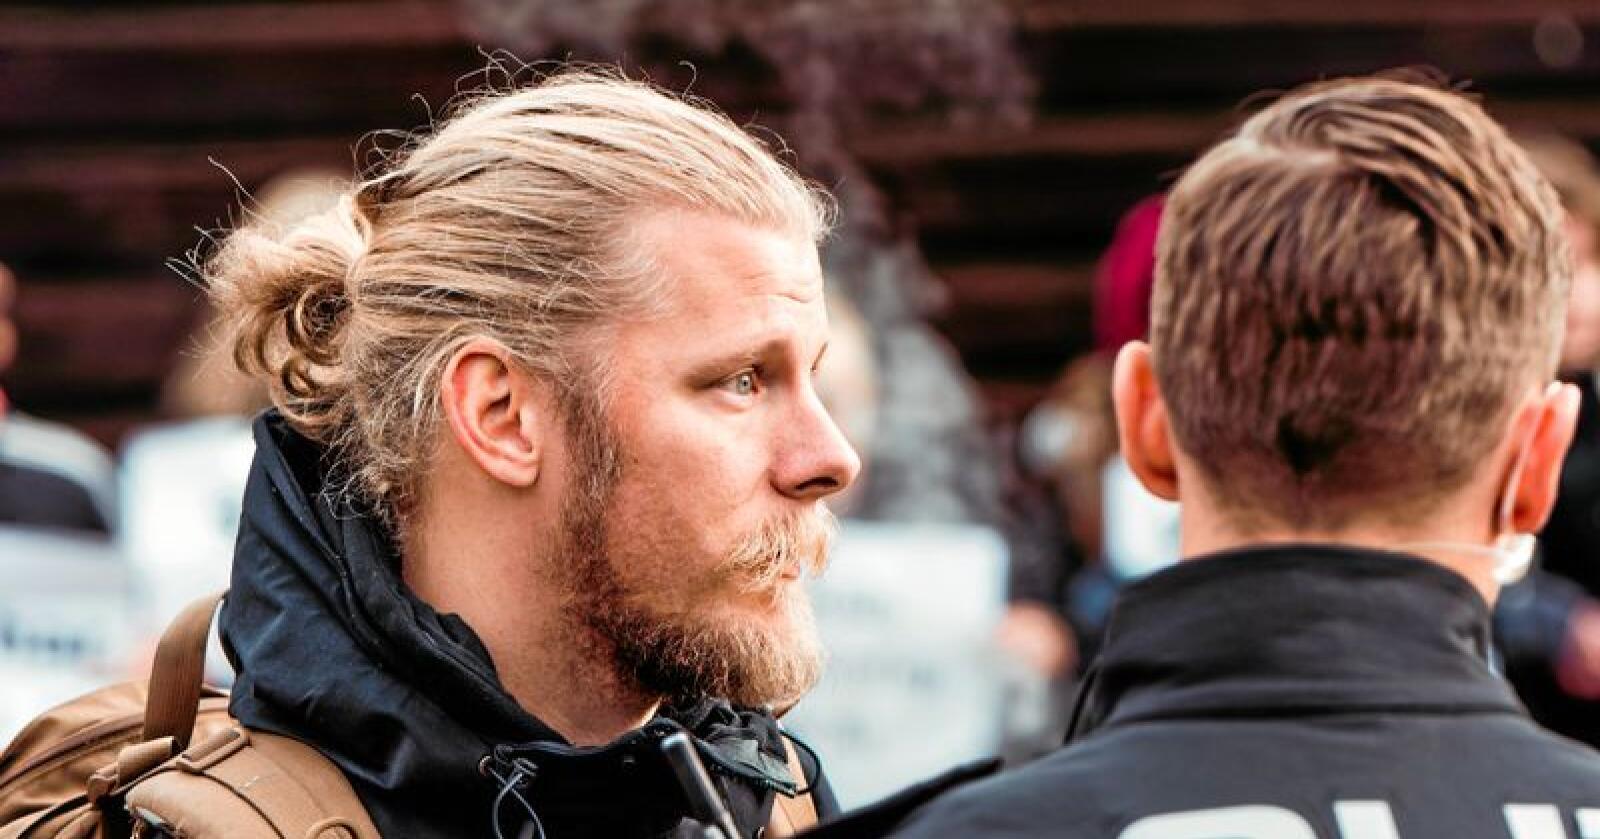 Samuel Rostøl er klar for en ukeslang sultestreik foran Stortinget. Foto: Eirik Skeide